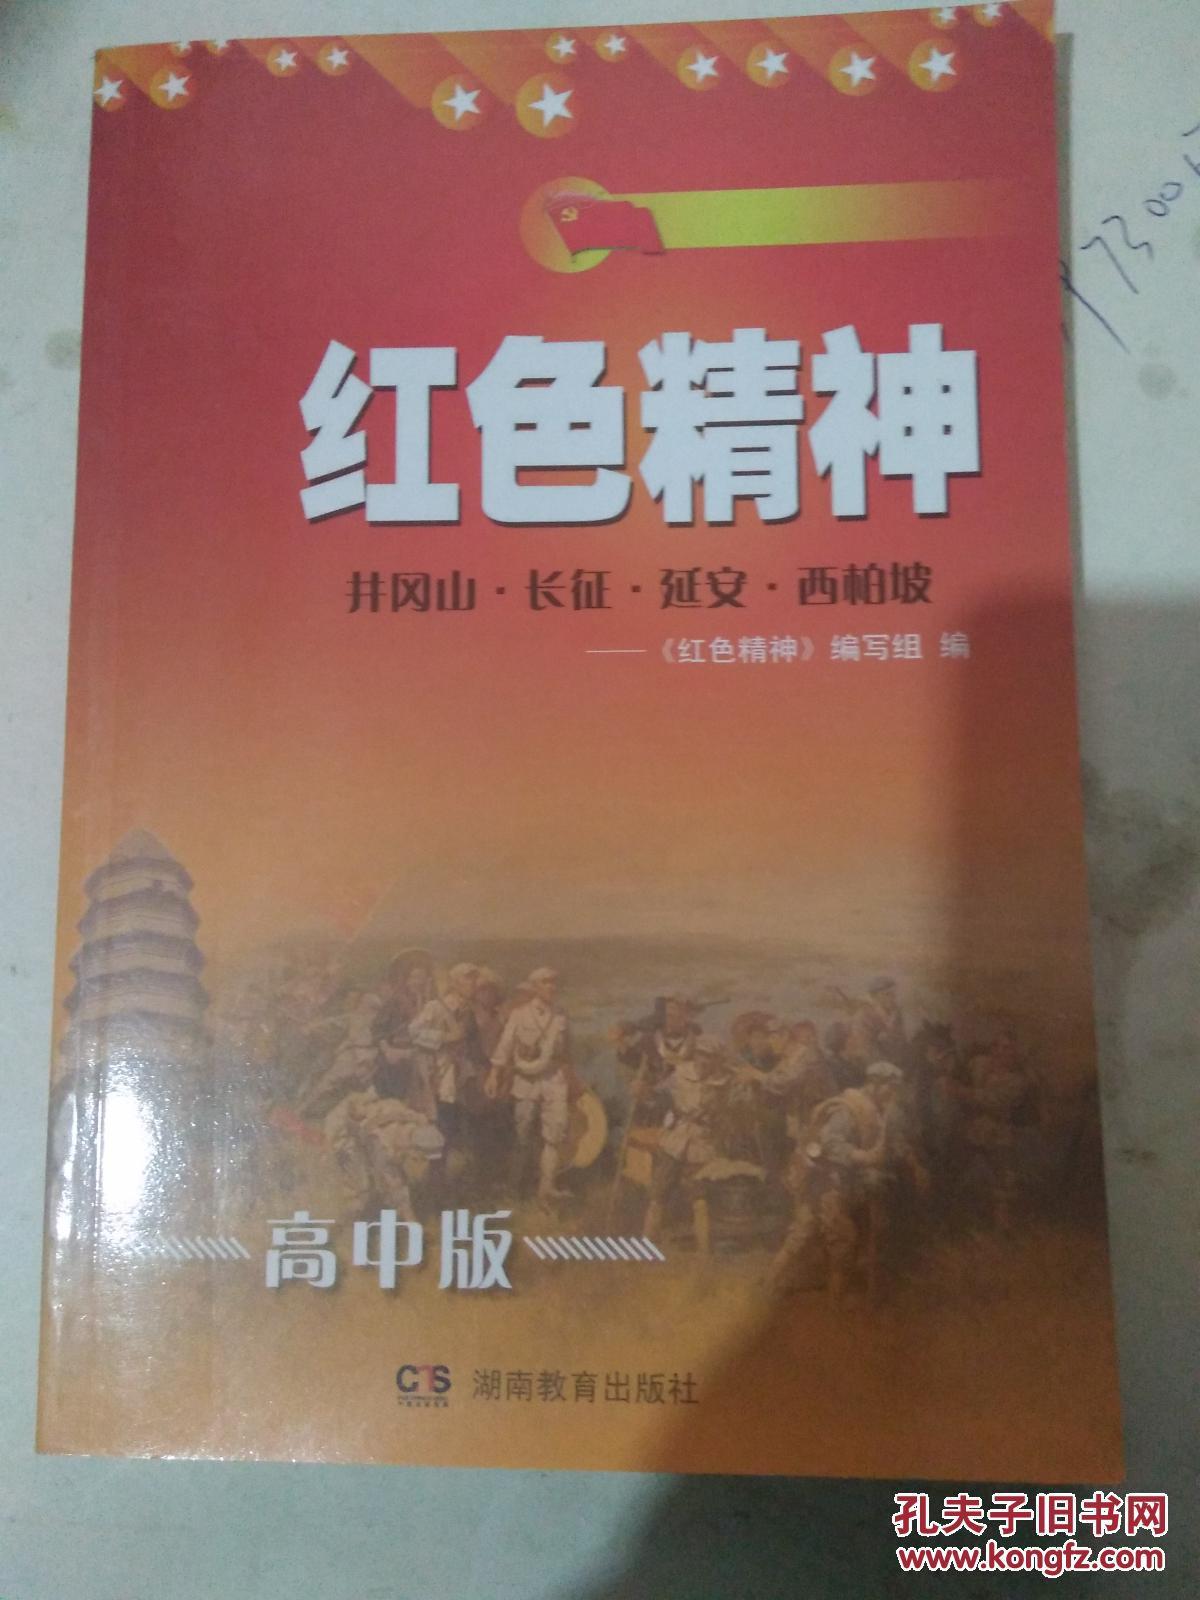 红色精神 : 井冈山·长征·延安·西柏坡. 高中版